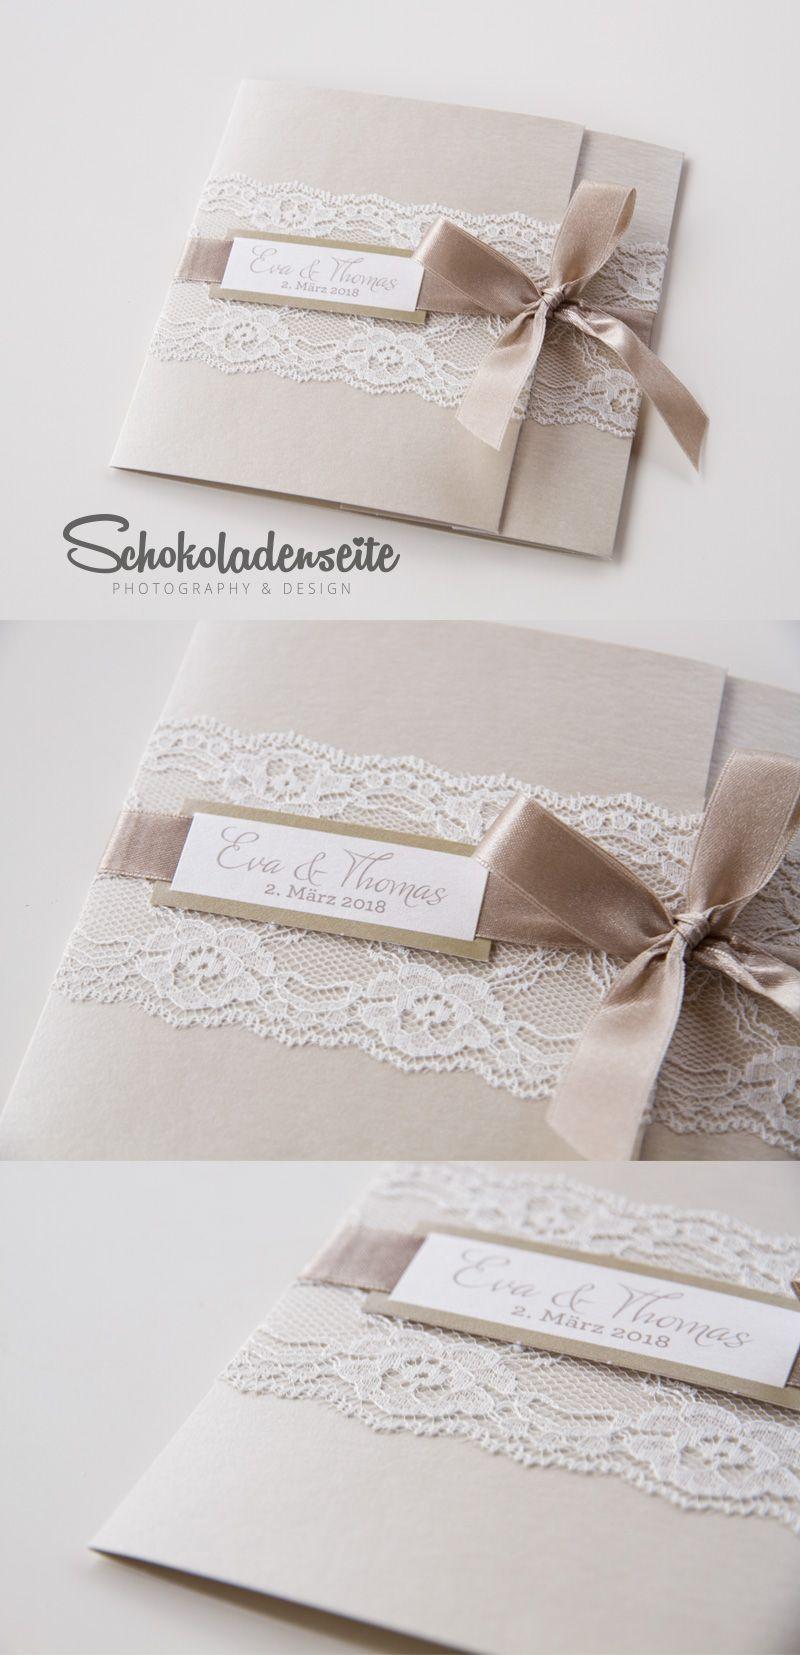 Eine edle einladungskarte mit eleganter spitze exklusivem papier und einem